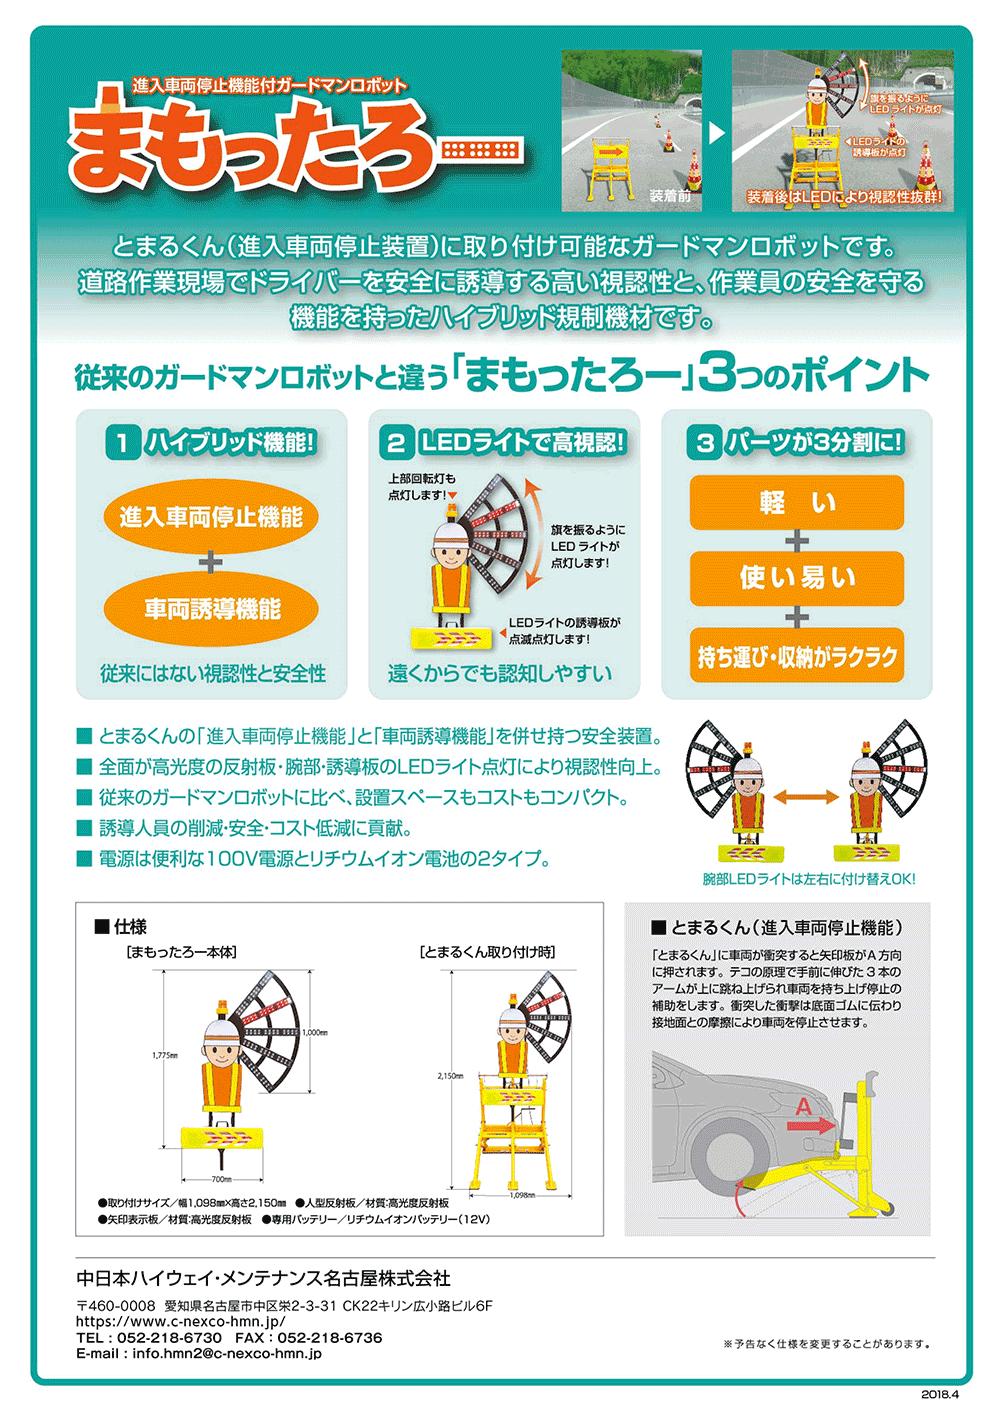 車両強制停止機能付ガードマンロボット「まもったろー」製品PDF